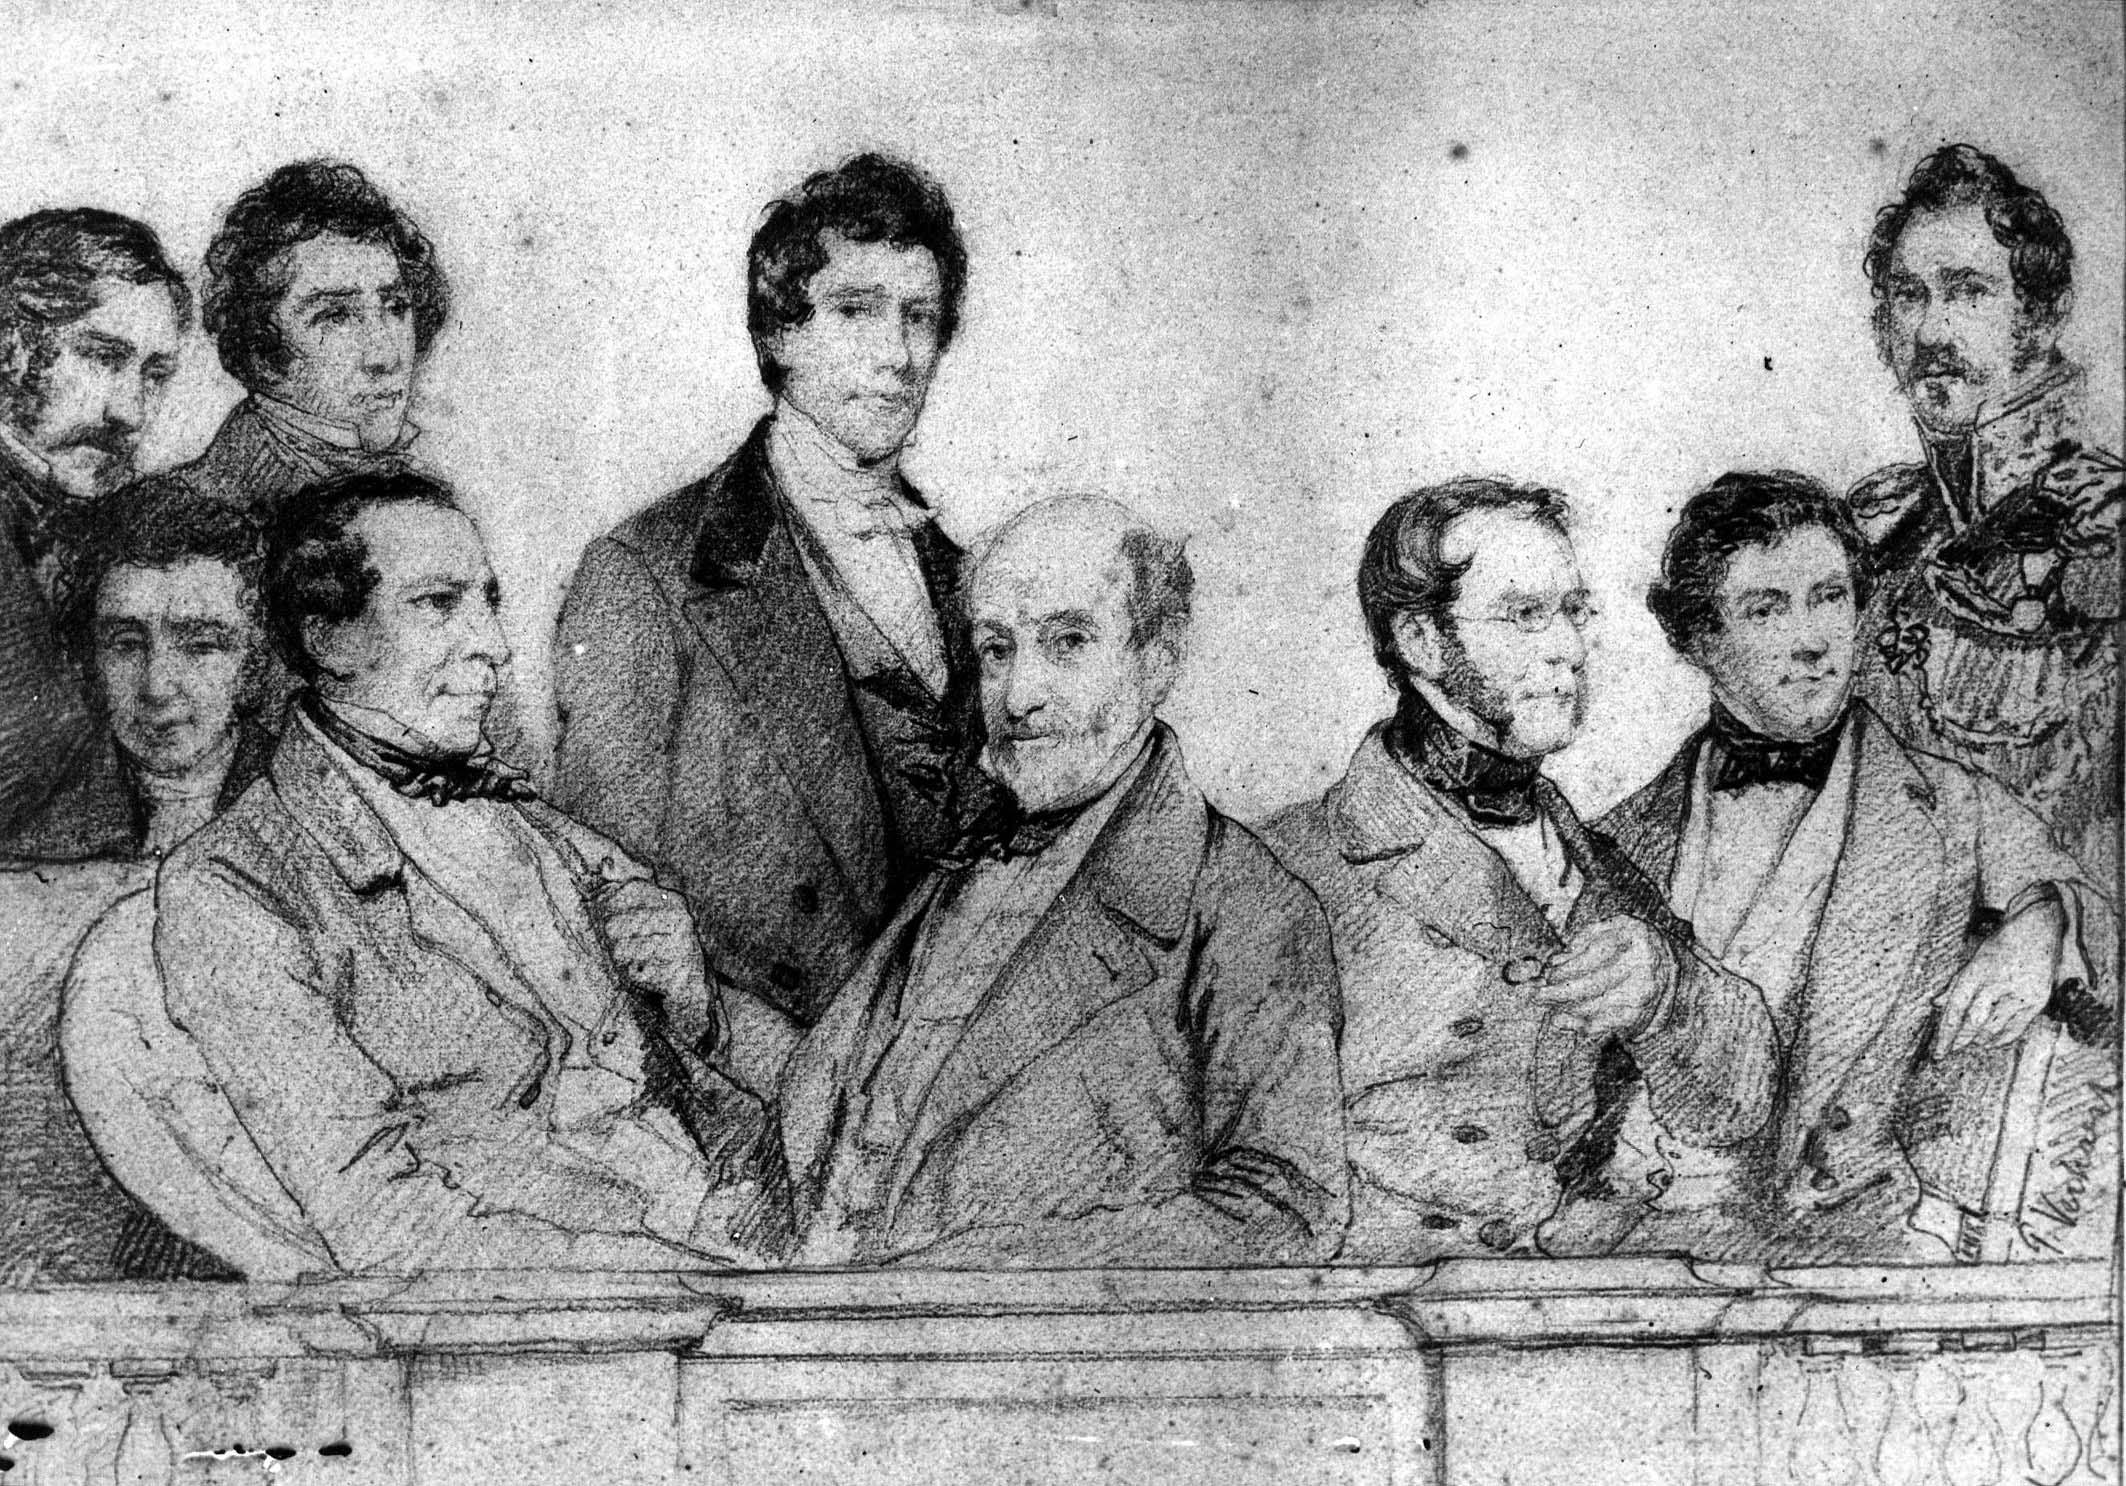 File:Gouvernement Provisoire de la Belgique en septembre 1830.JPG